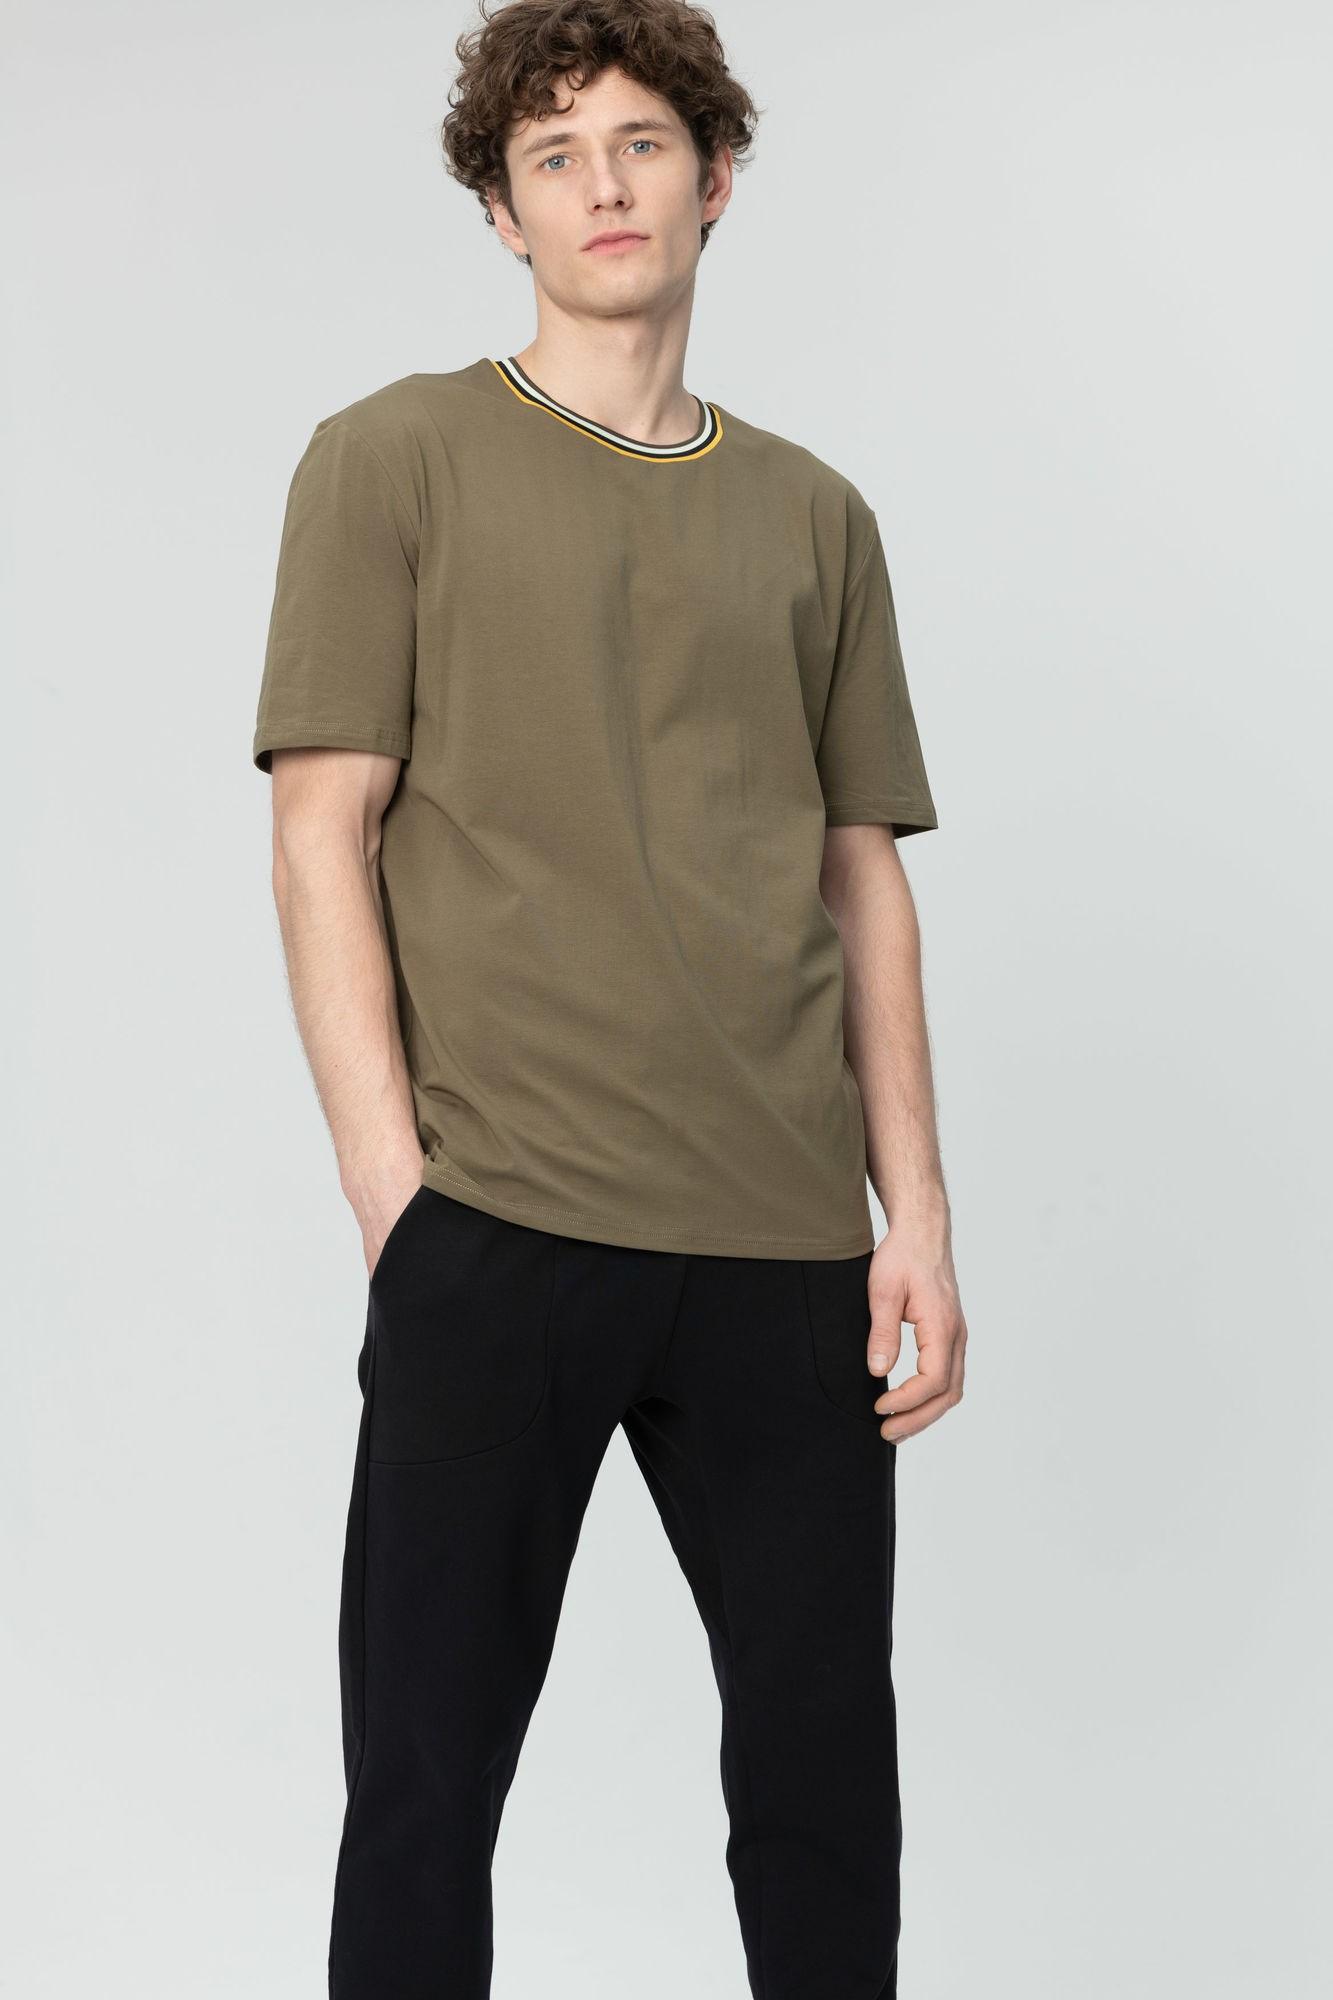 AUDIMAS Tamprūs medvilniniai marškinėliai 2011-642 Dark Olive S